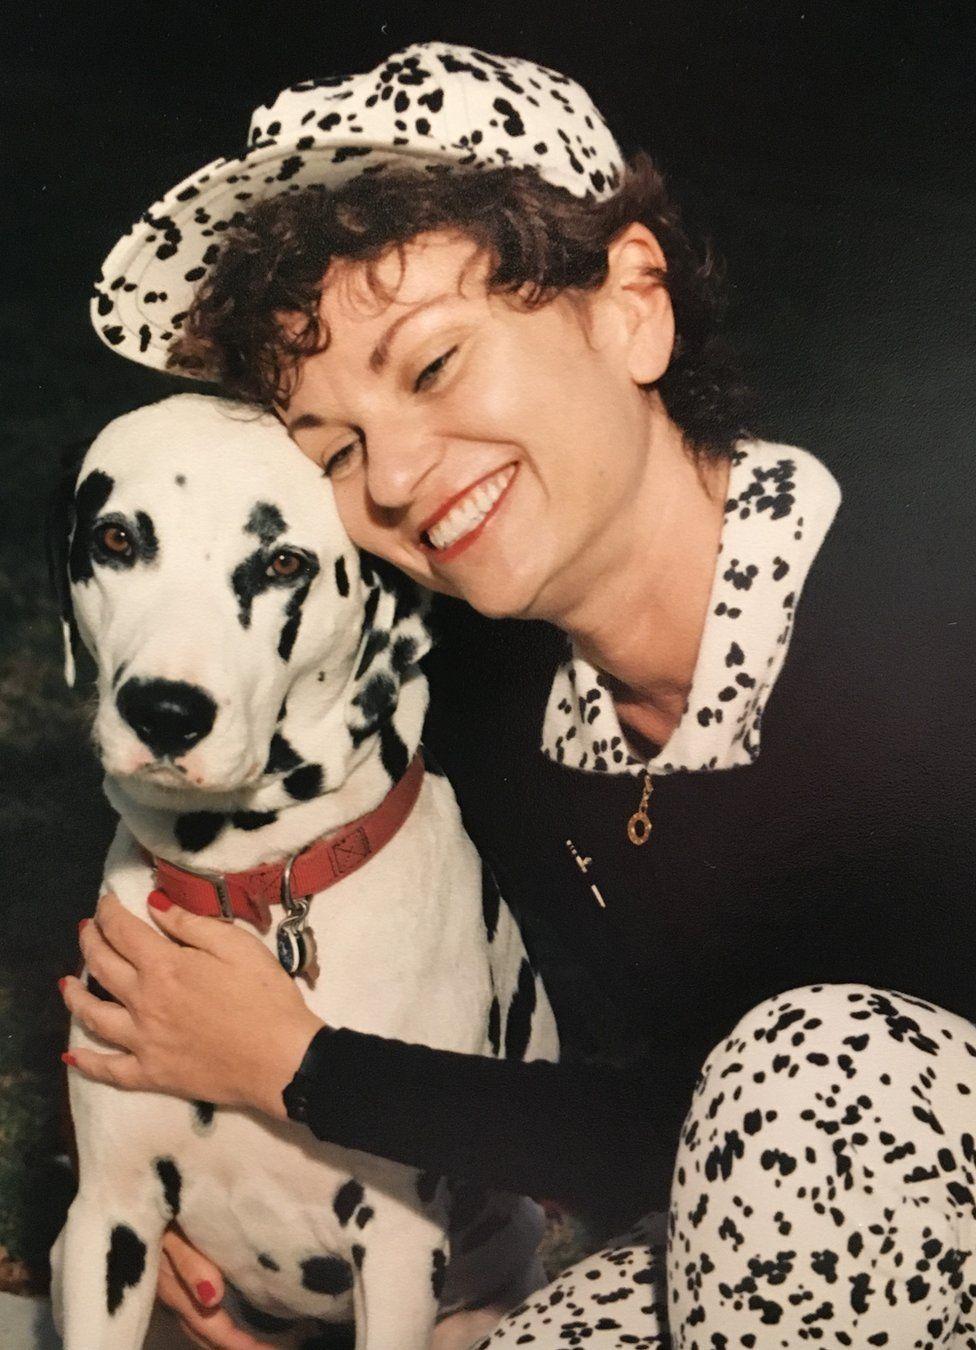 Cat Hulbert cuddling a dog, wearing spotty trousers and matching baseball cap